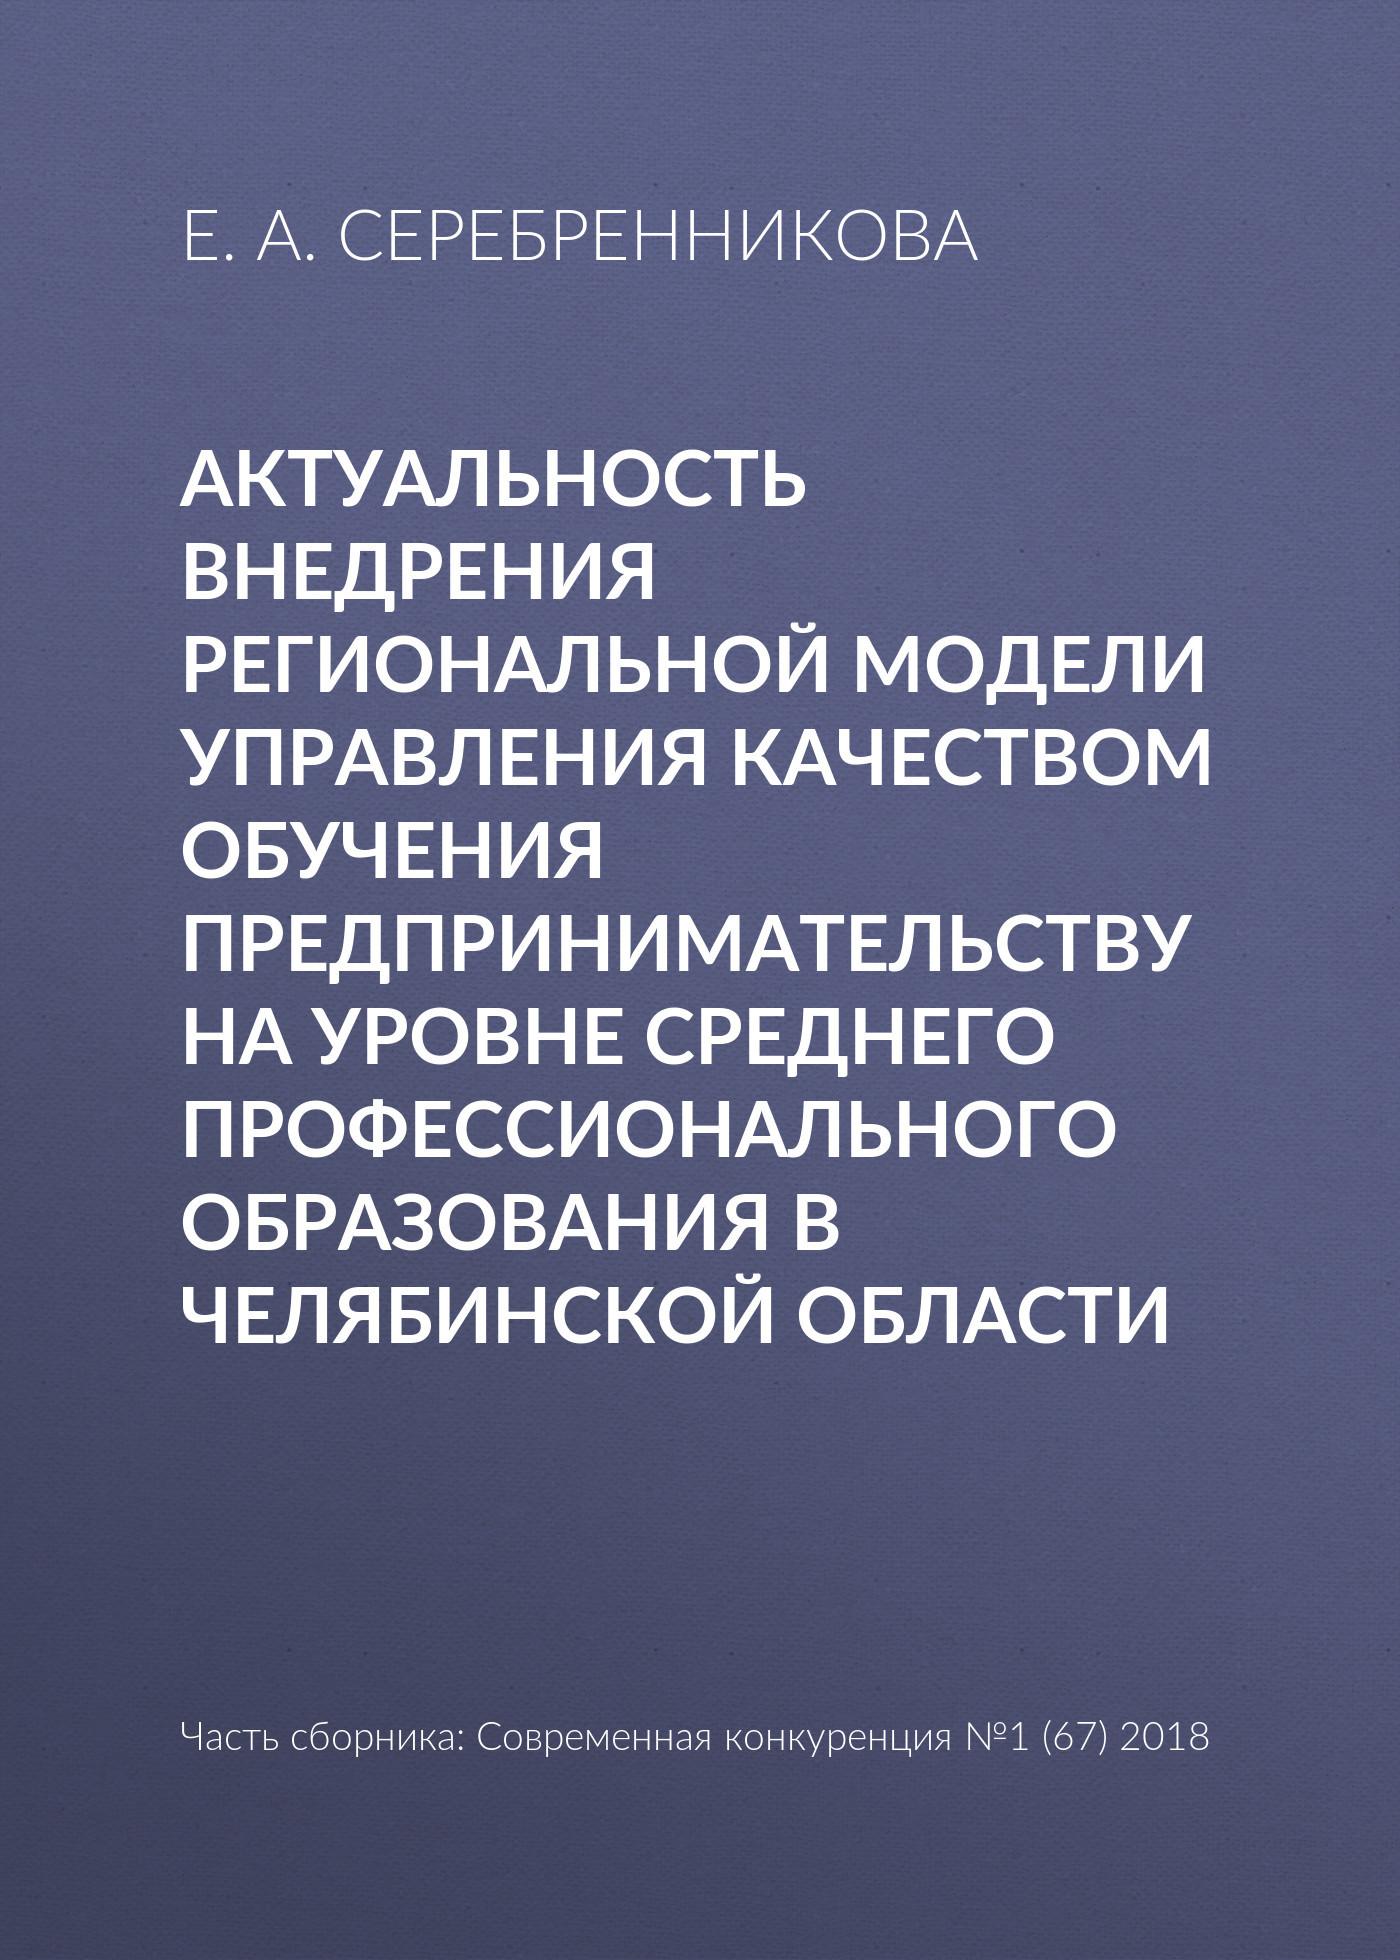 Е. А. Серебренникова. Актуальность внедрения региональной модели управления качеством обучения предпринимательству на уровне среднего профессионального образования в Челябинской области